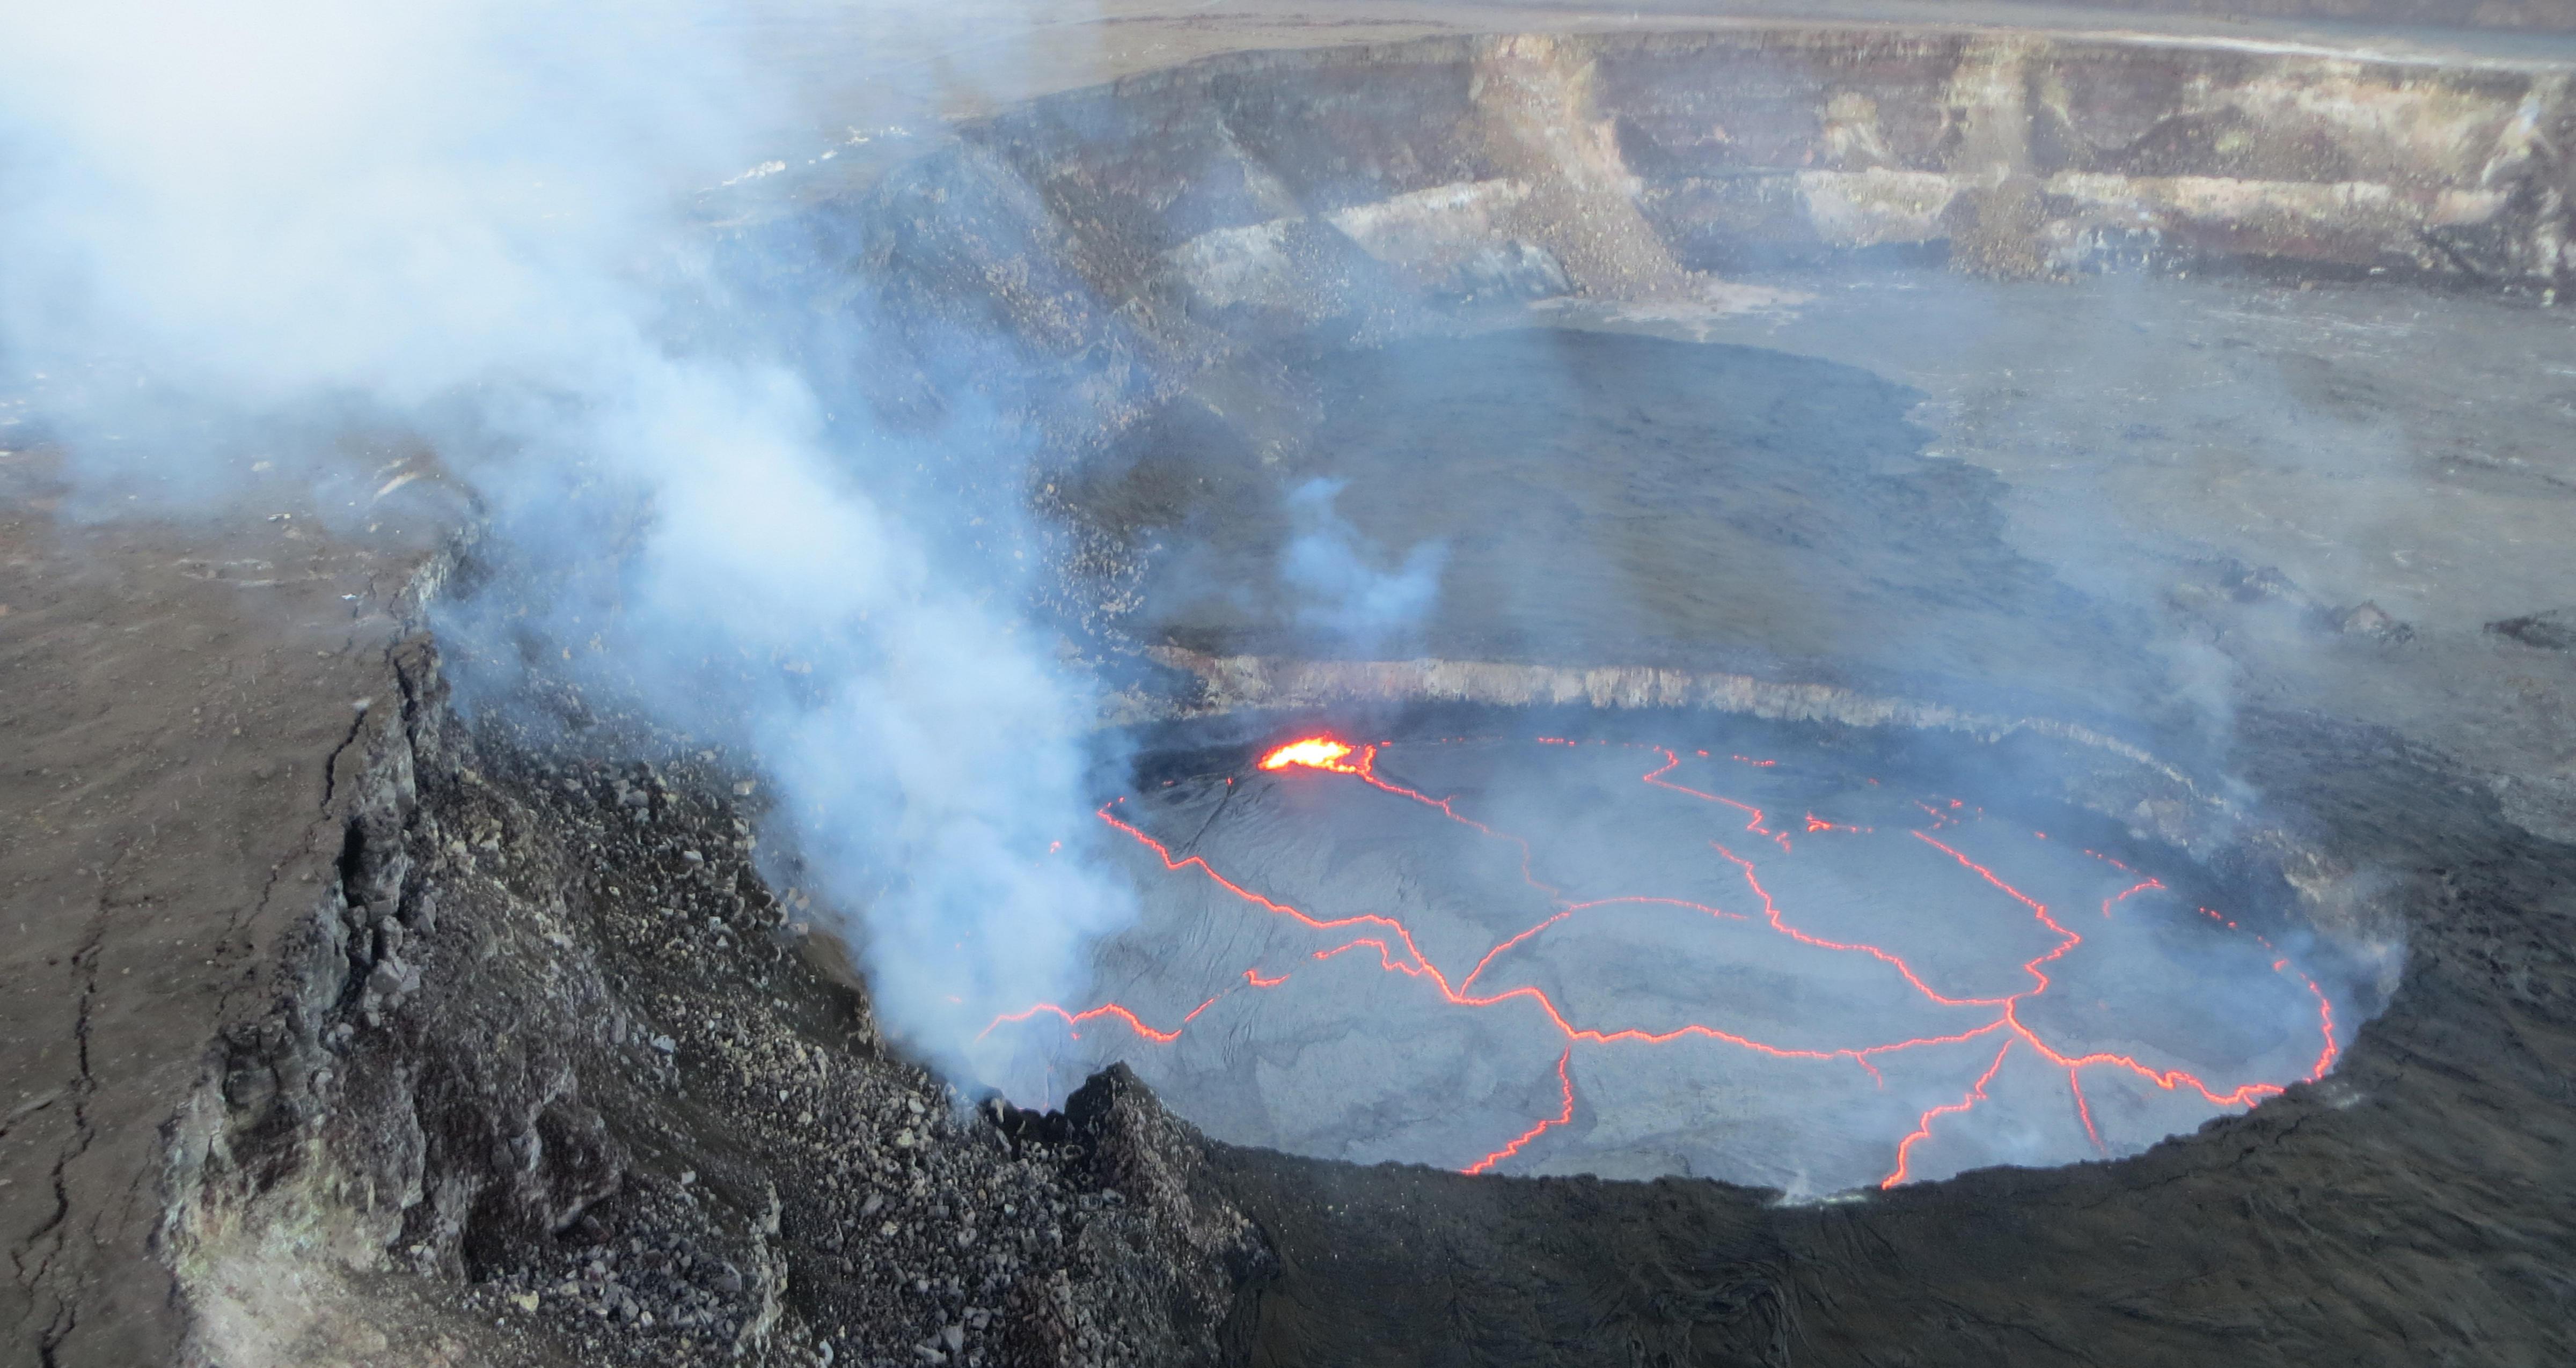 Vulkanen Kilauea, sett frå lufta